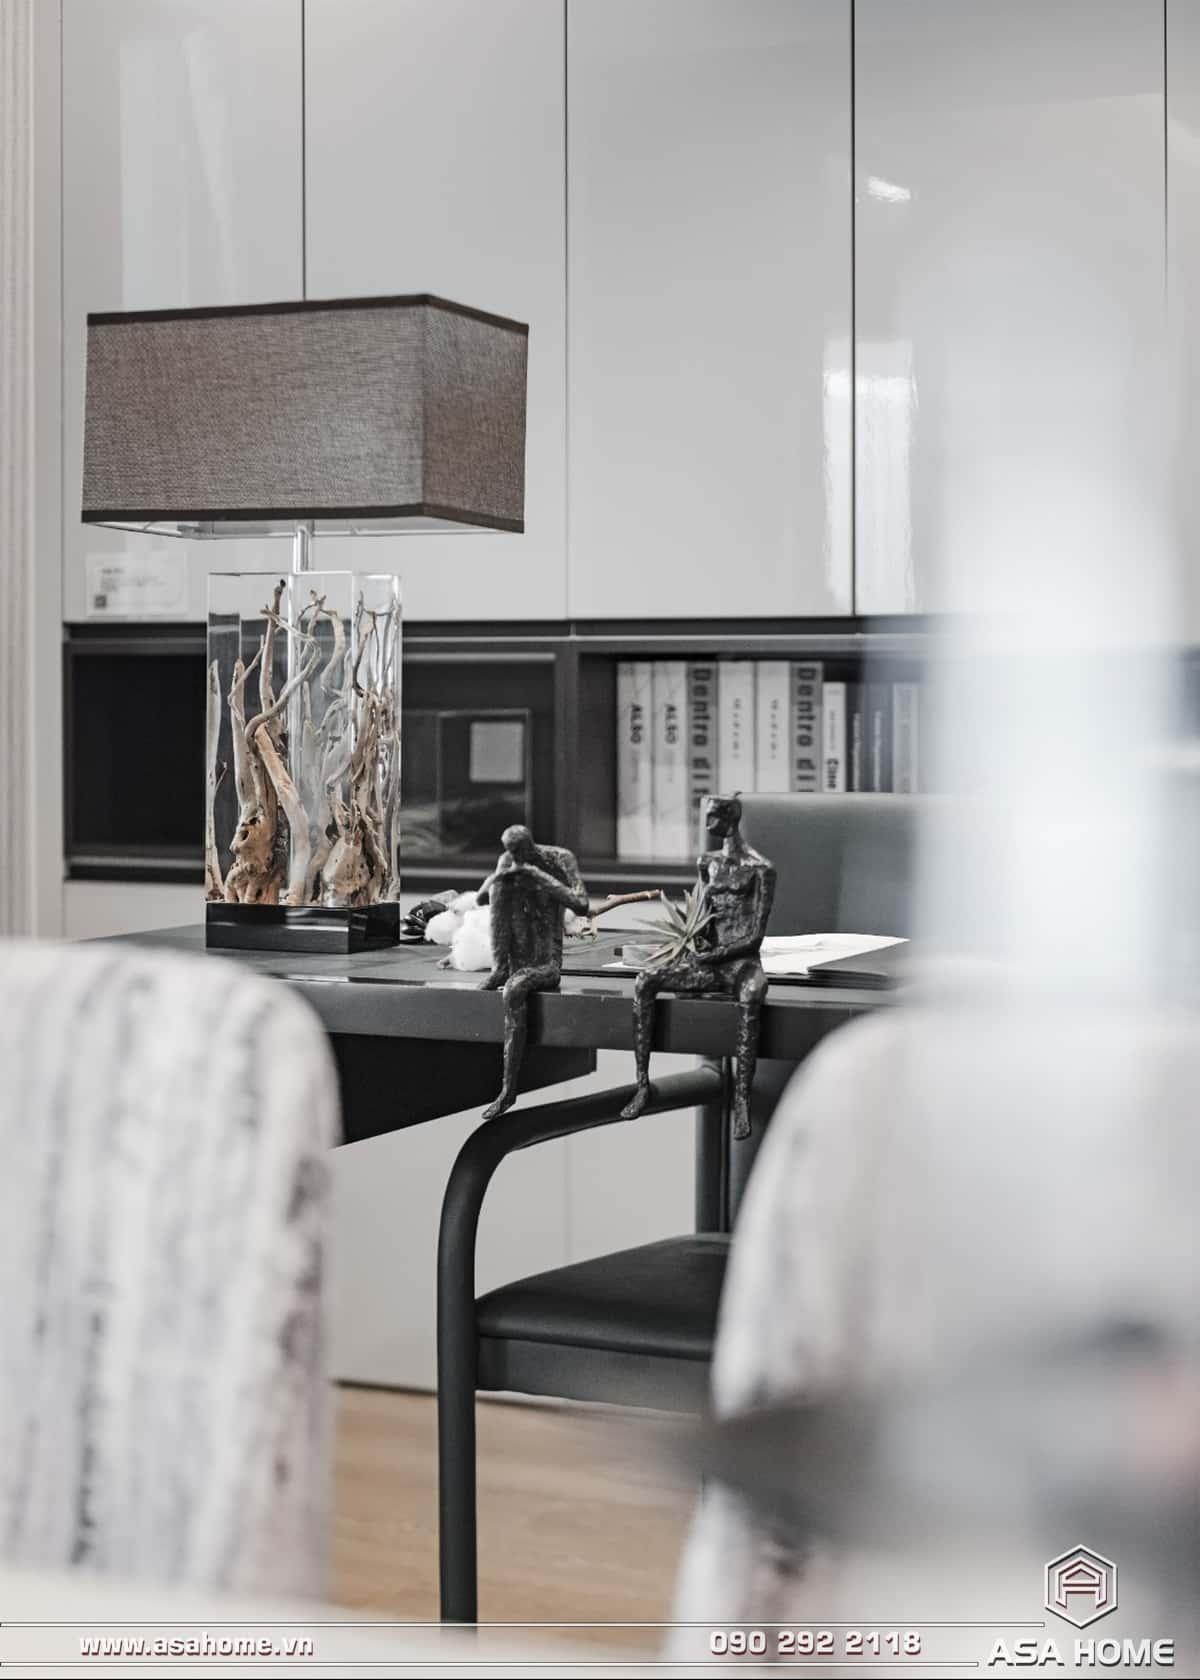 Thiết kế nội thất căn hộ hiện đại - ASA016